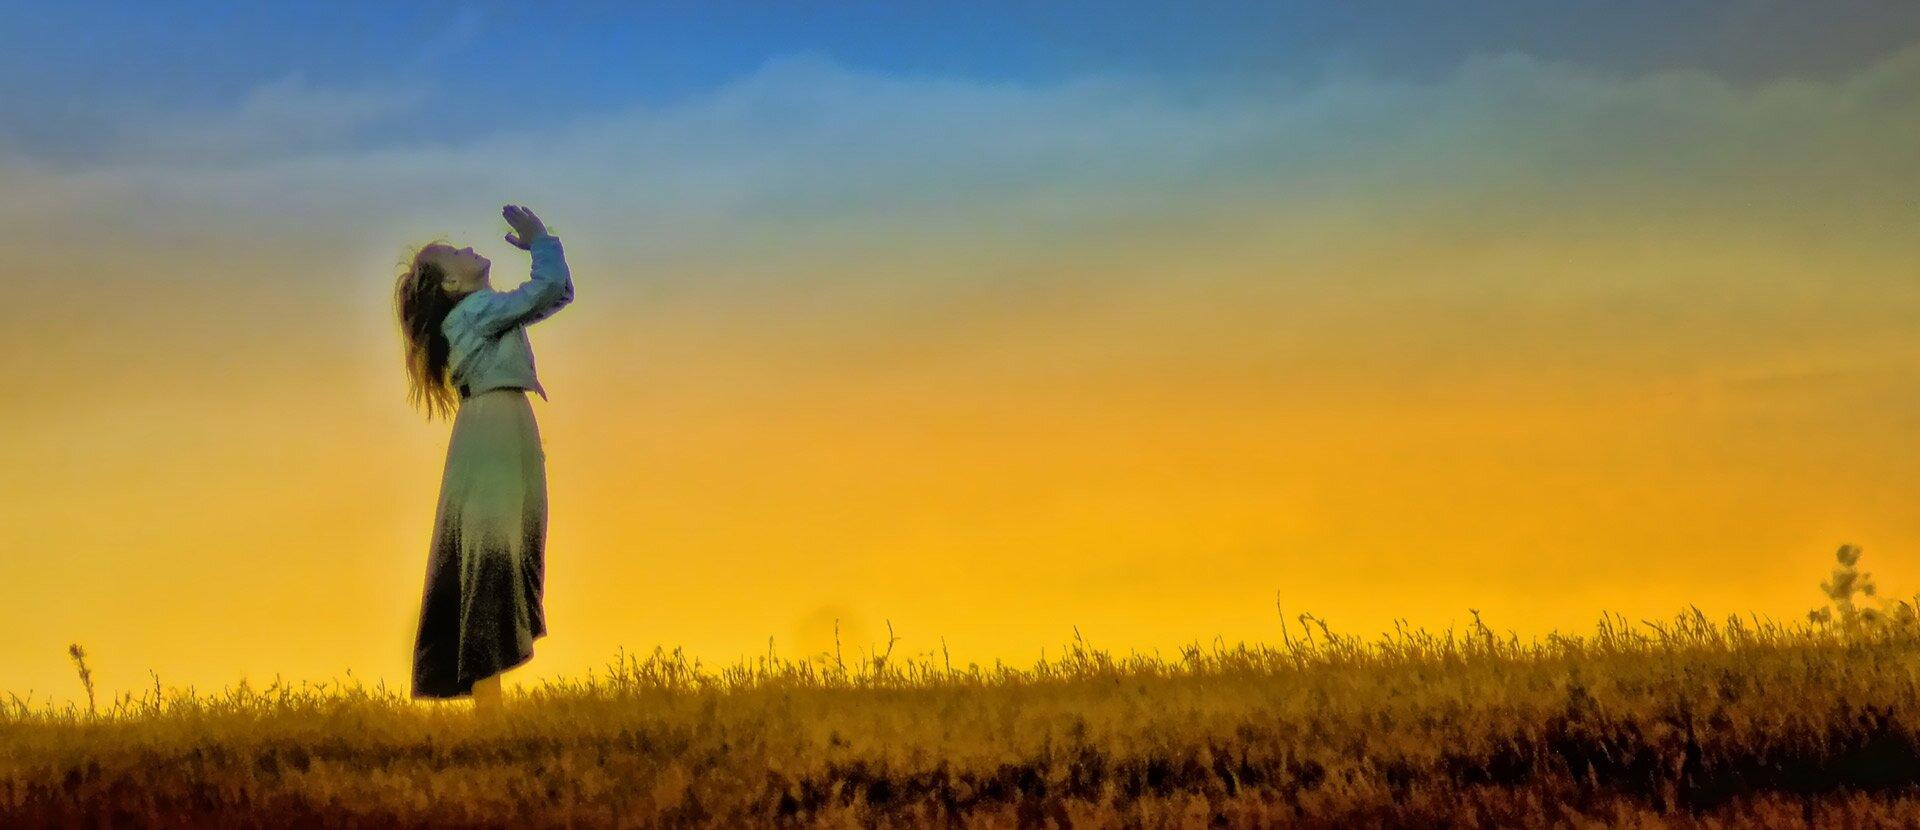 okładka - modląca się dziewczyna Źródło: pixabay, licencja: CC 0.